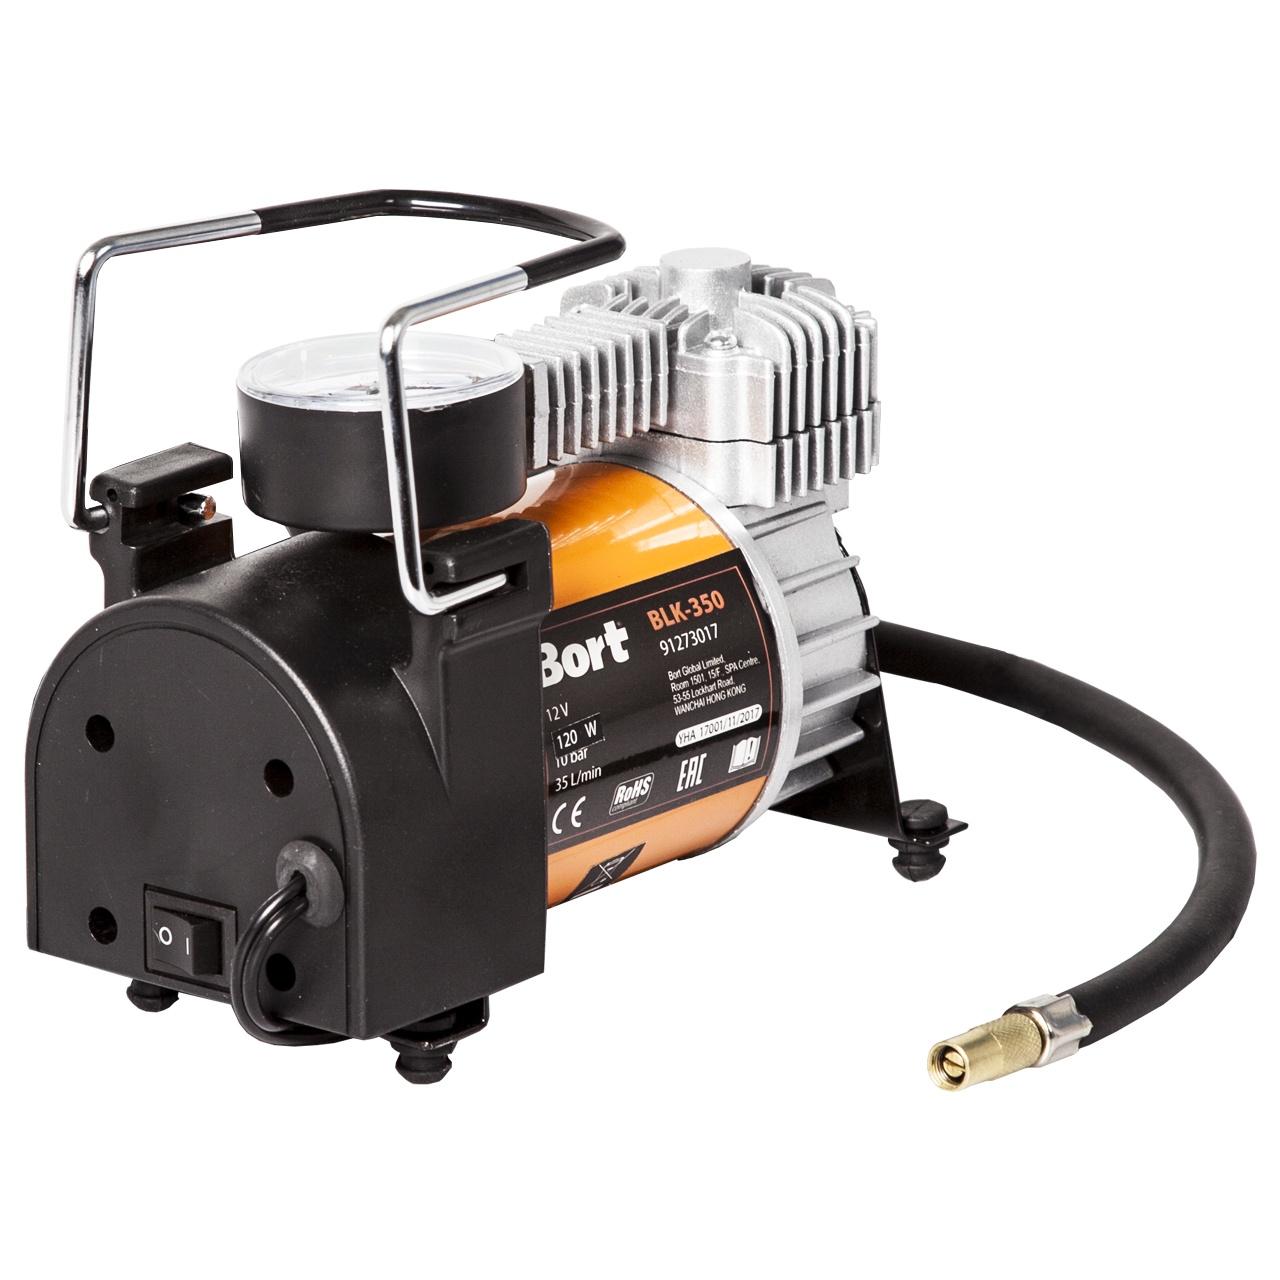 Автомобильный компрессор Bort BLK-350 автомобильный компрессор bort blk 350